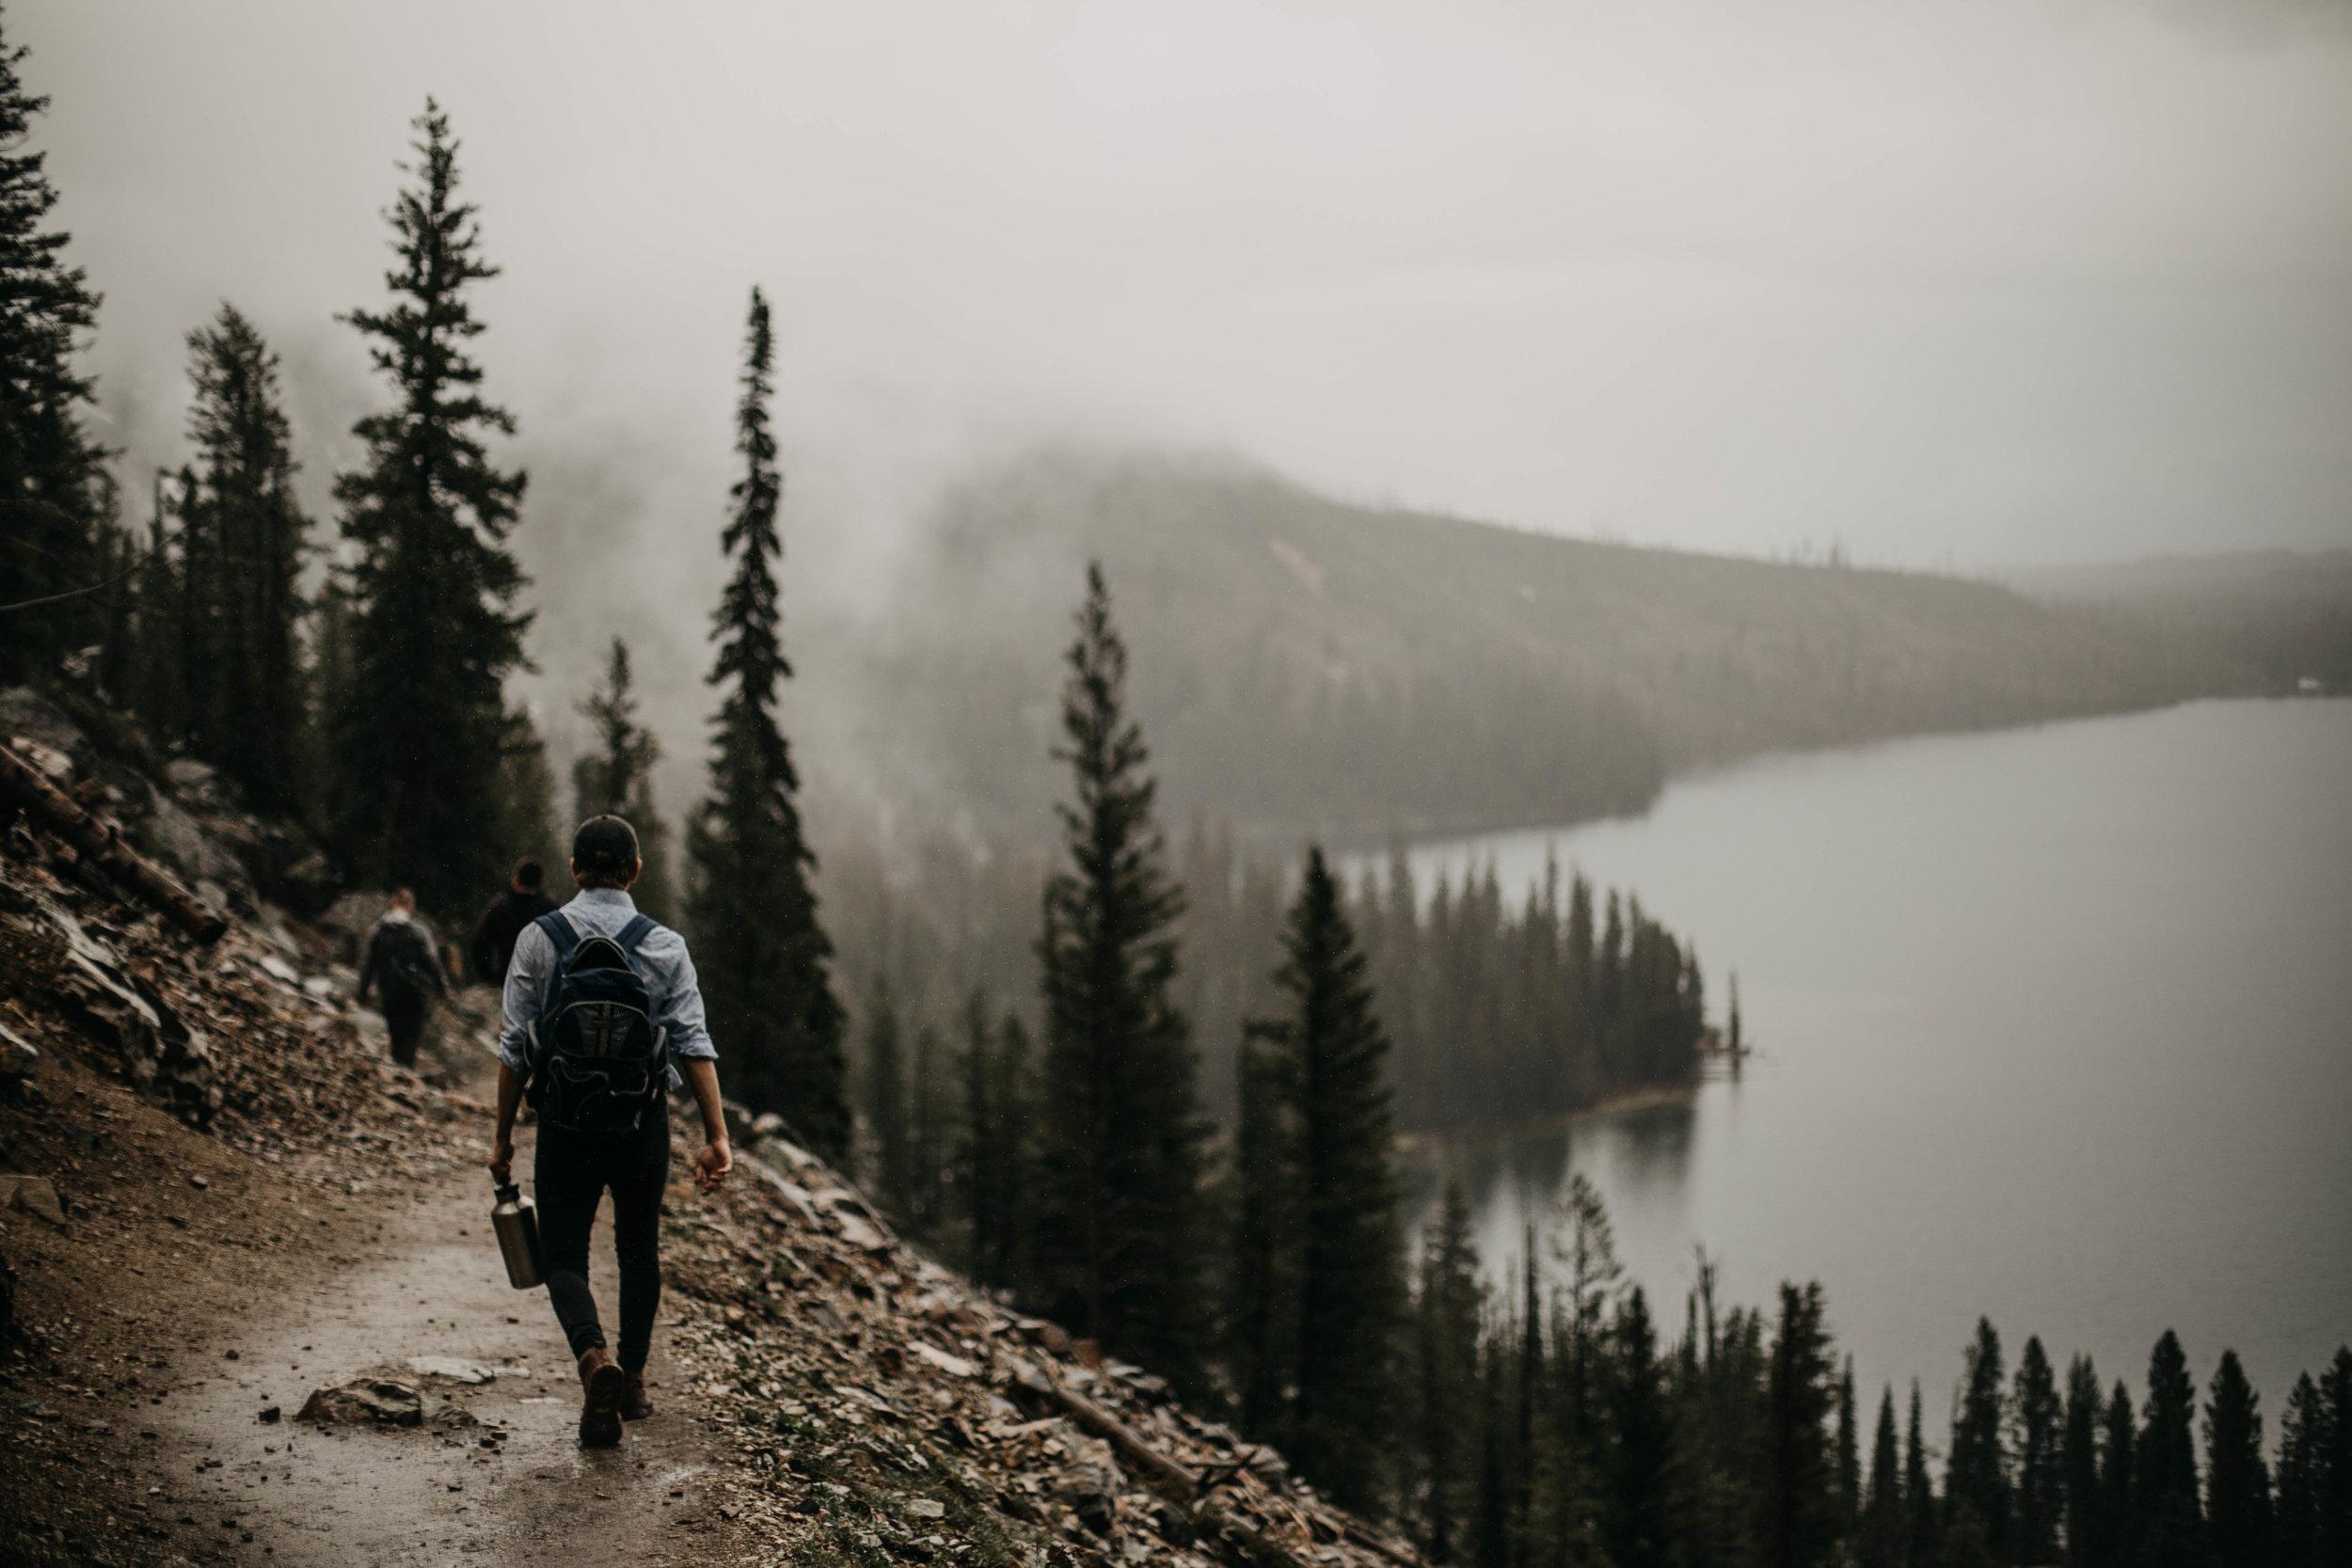 10. Grand Teton National Park